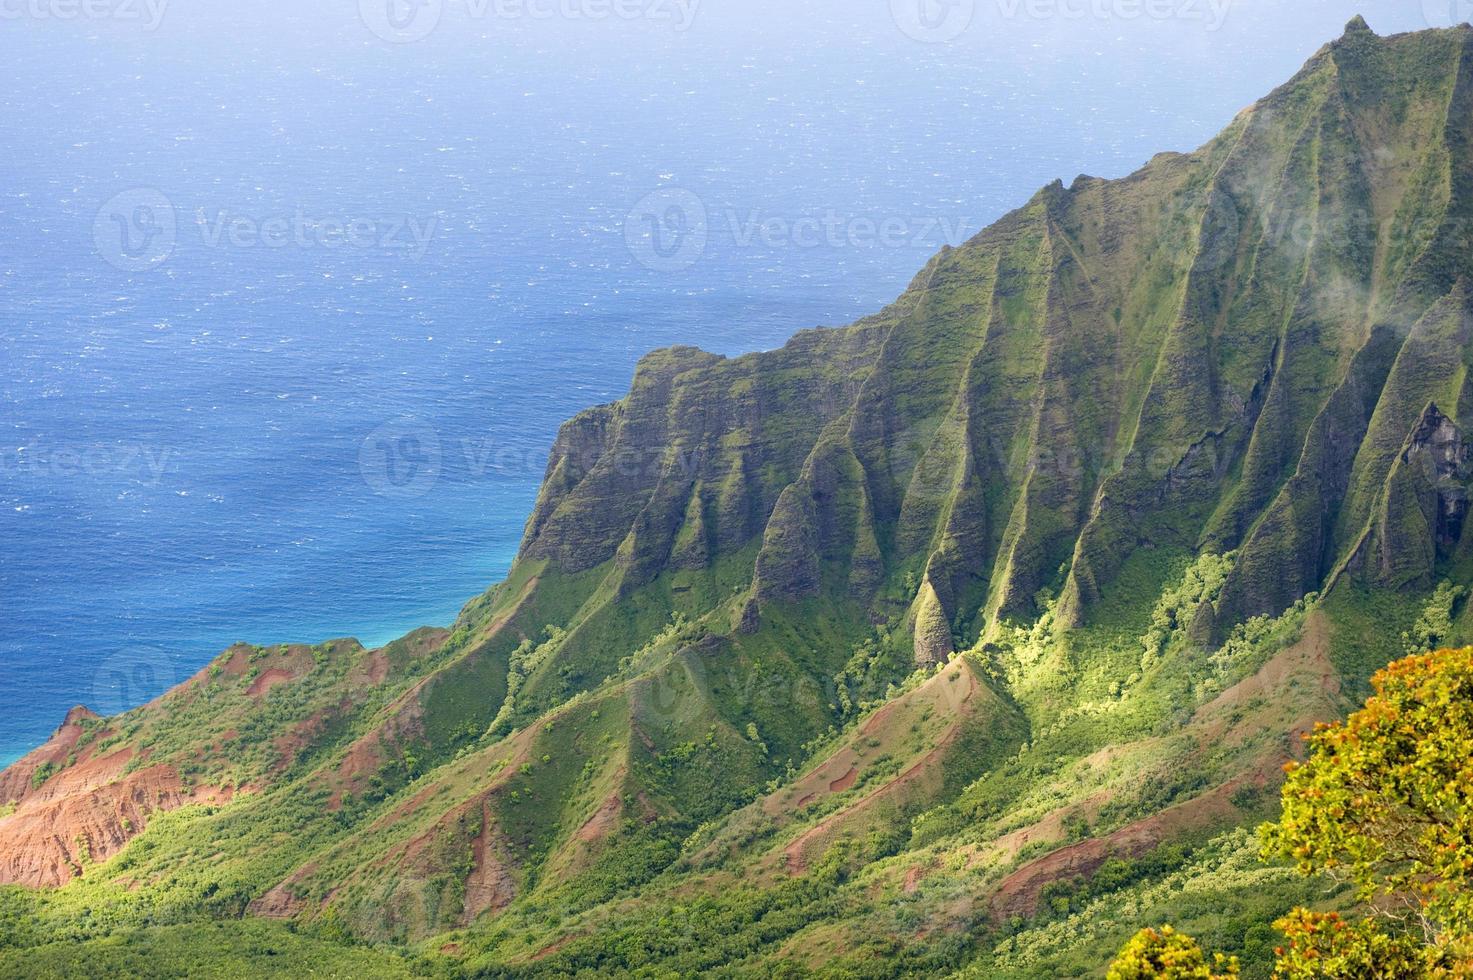 kalalau valley, kauai, hawaii. photo